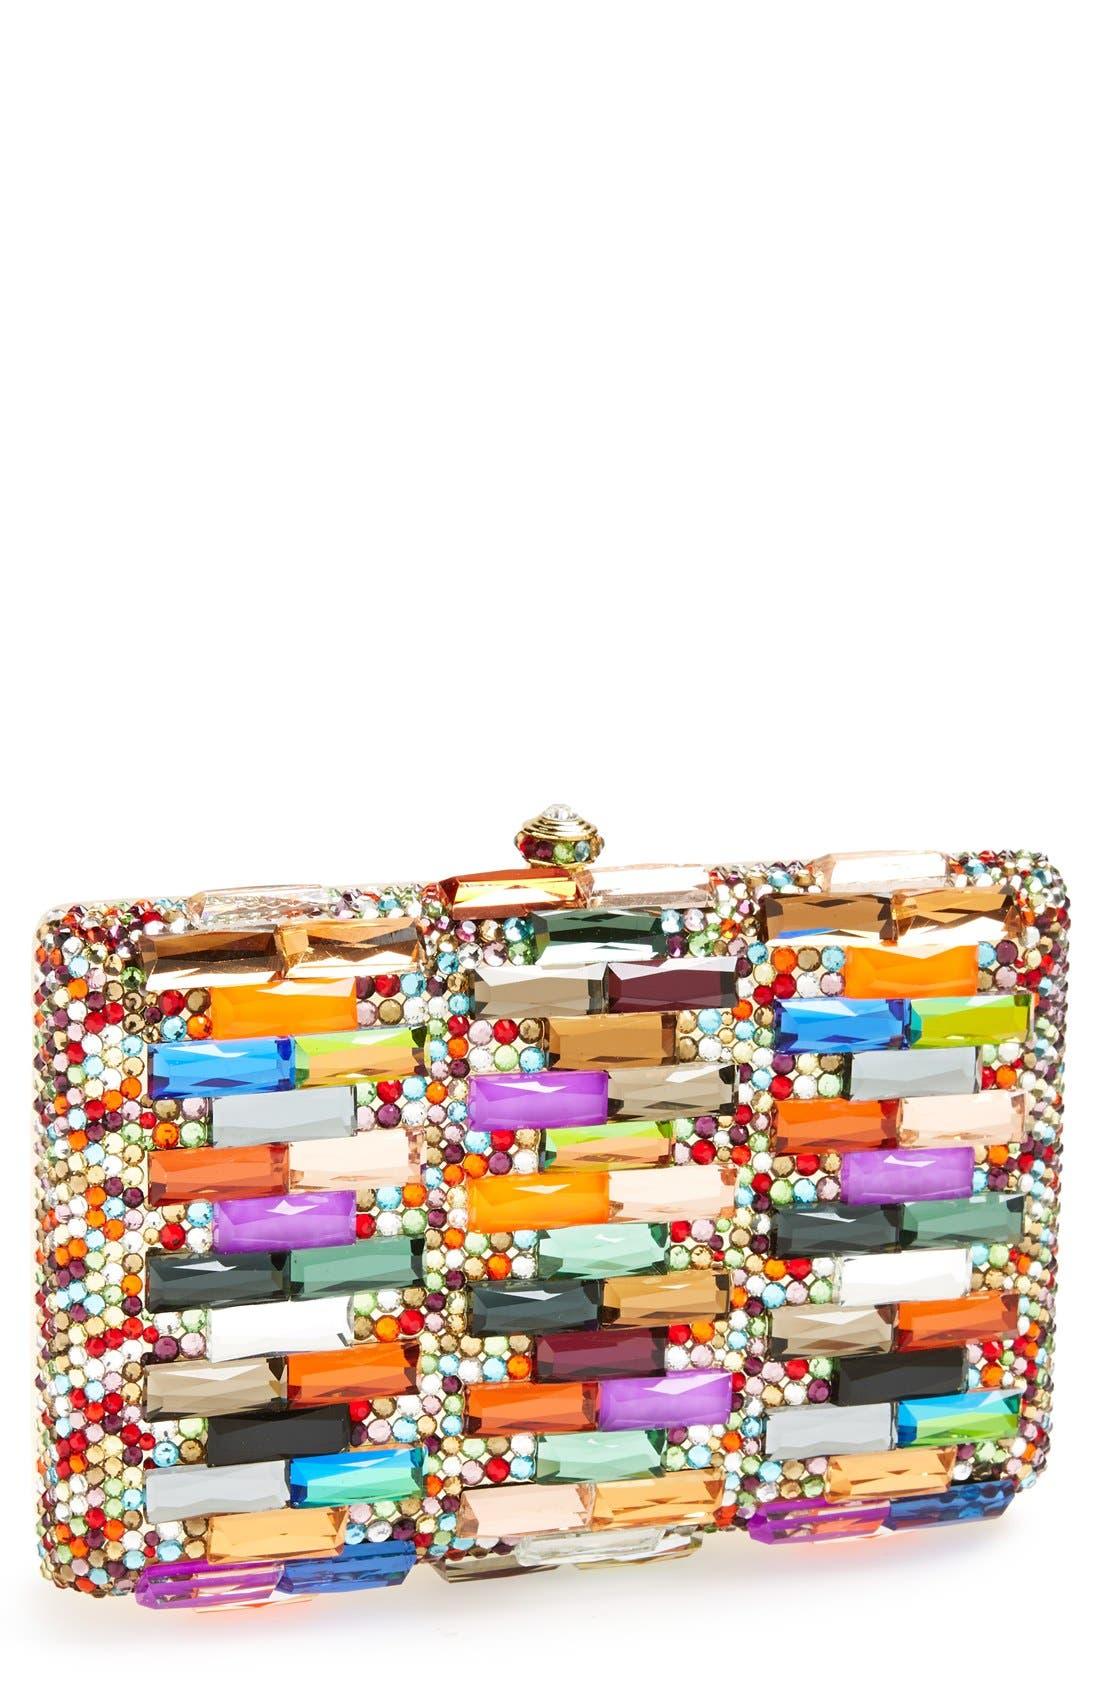 Alternate Image 1 Selected - Tasha 'Bejeweled Bonanza' Clutch